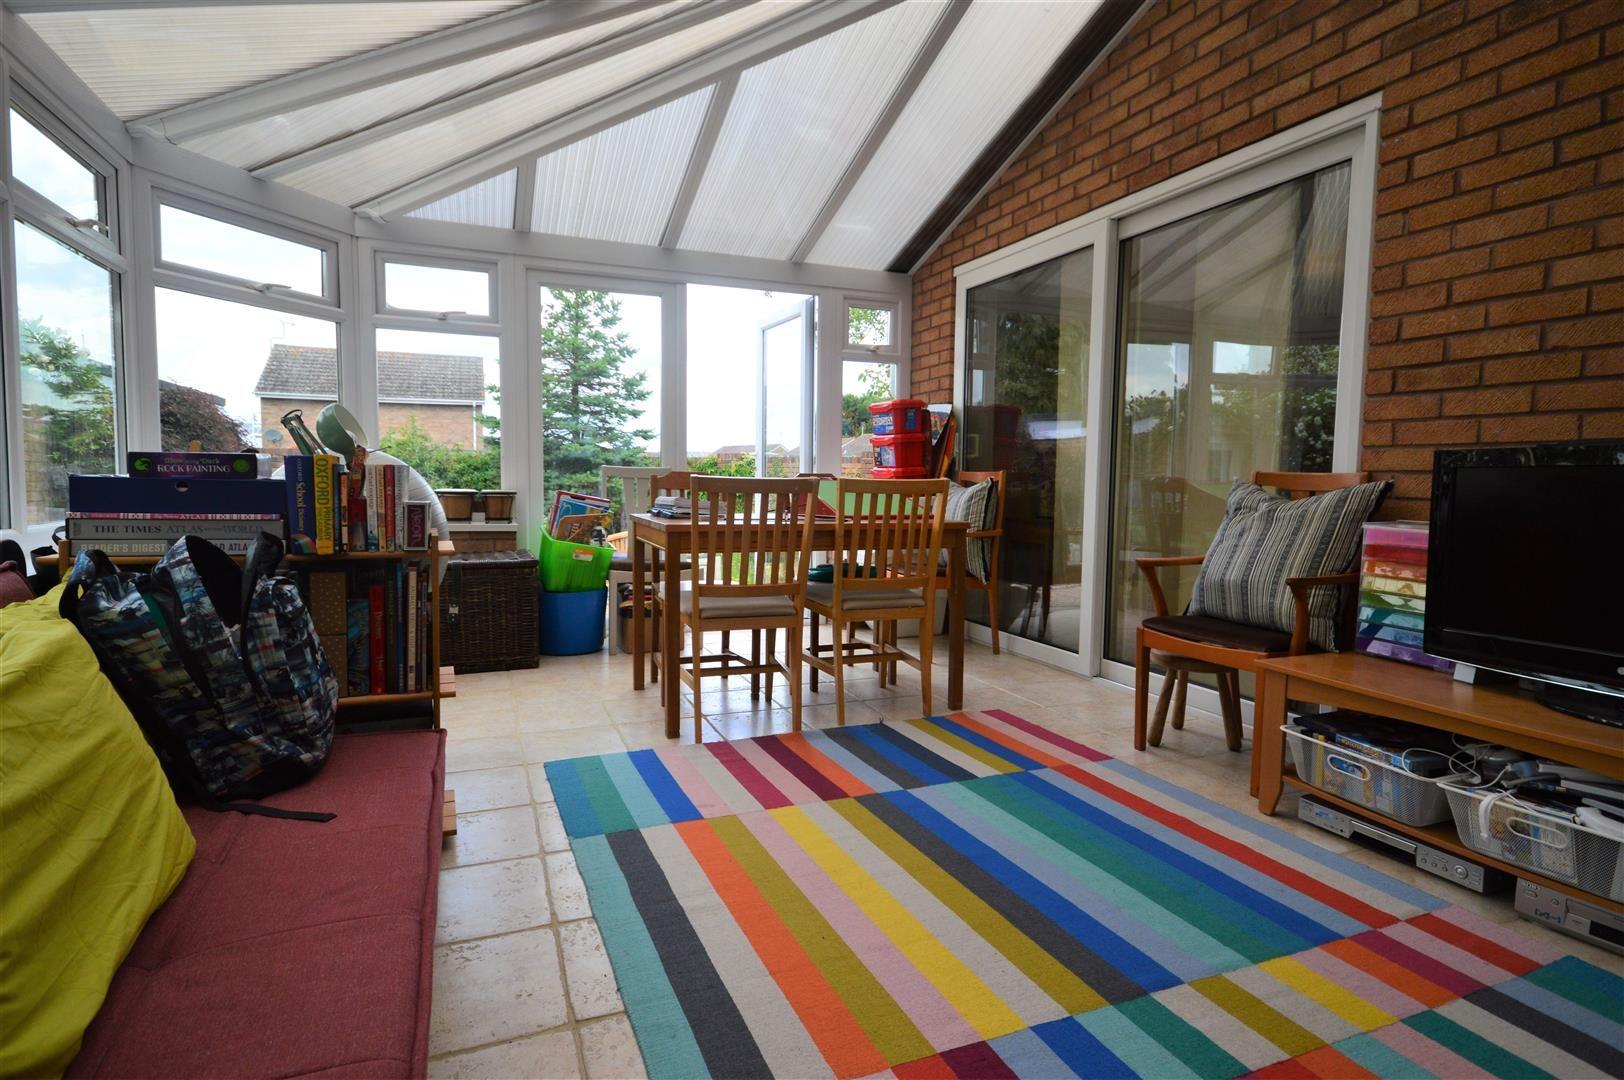 4 bed detached for sale in Bromyard 7